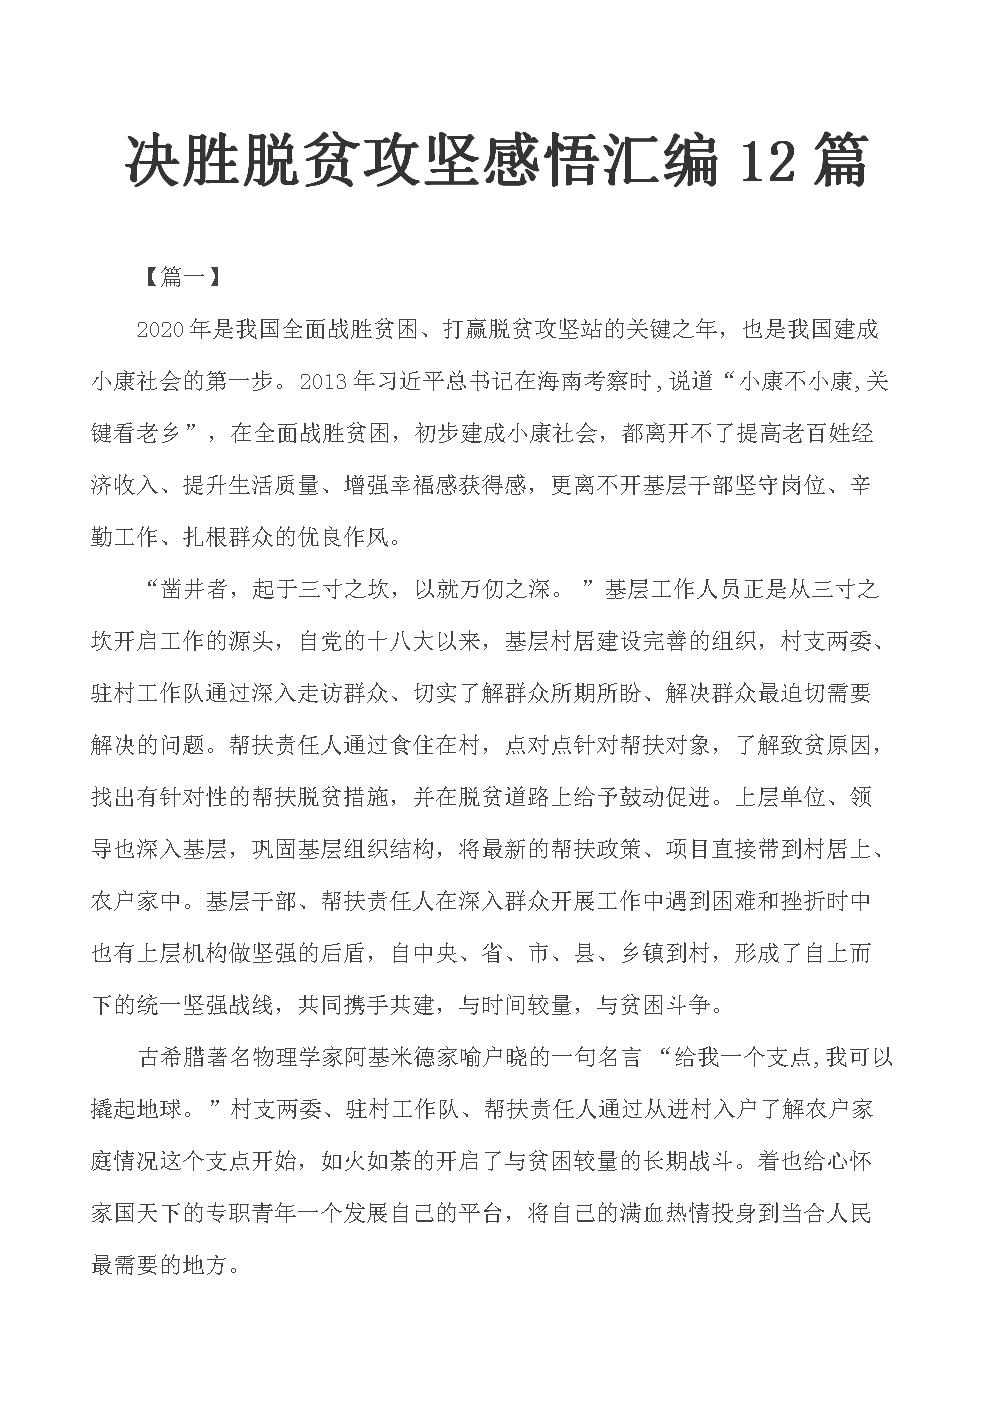 决胜脱贫攻坚感悟汇编12篇.docx